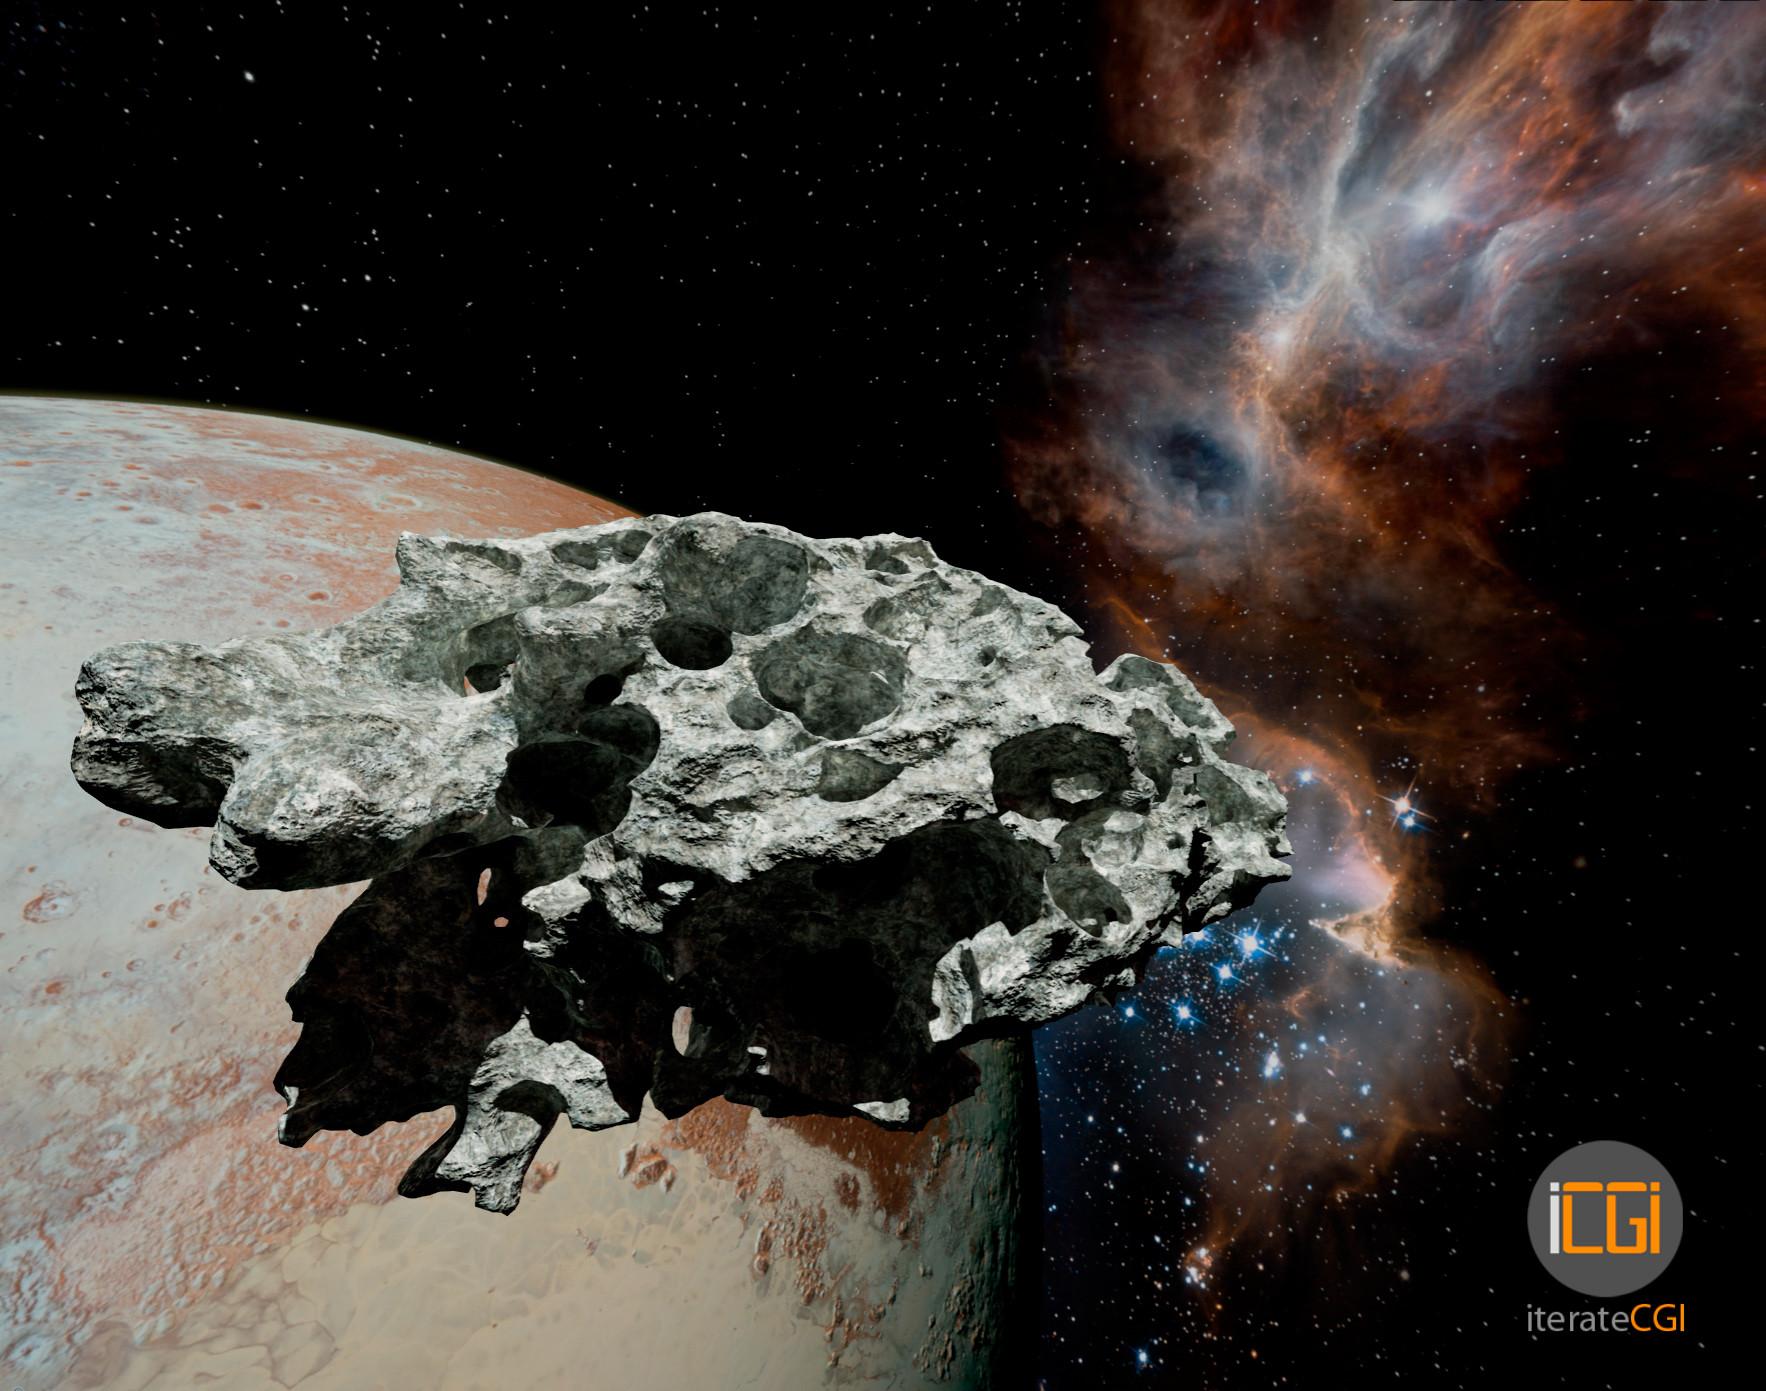 Johan de leenheer 3d asteroid game model 3